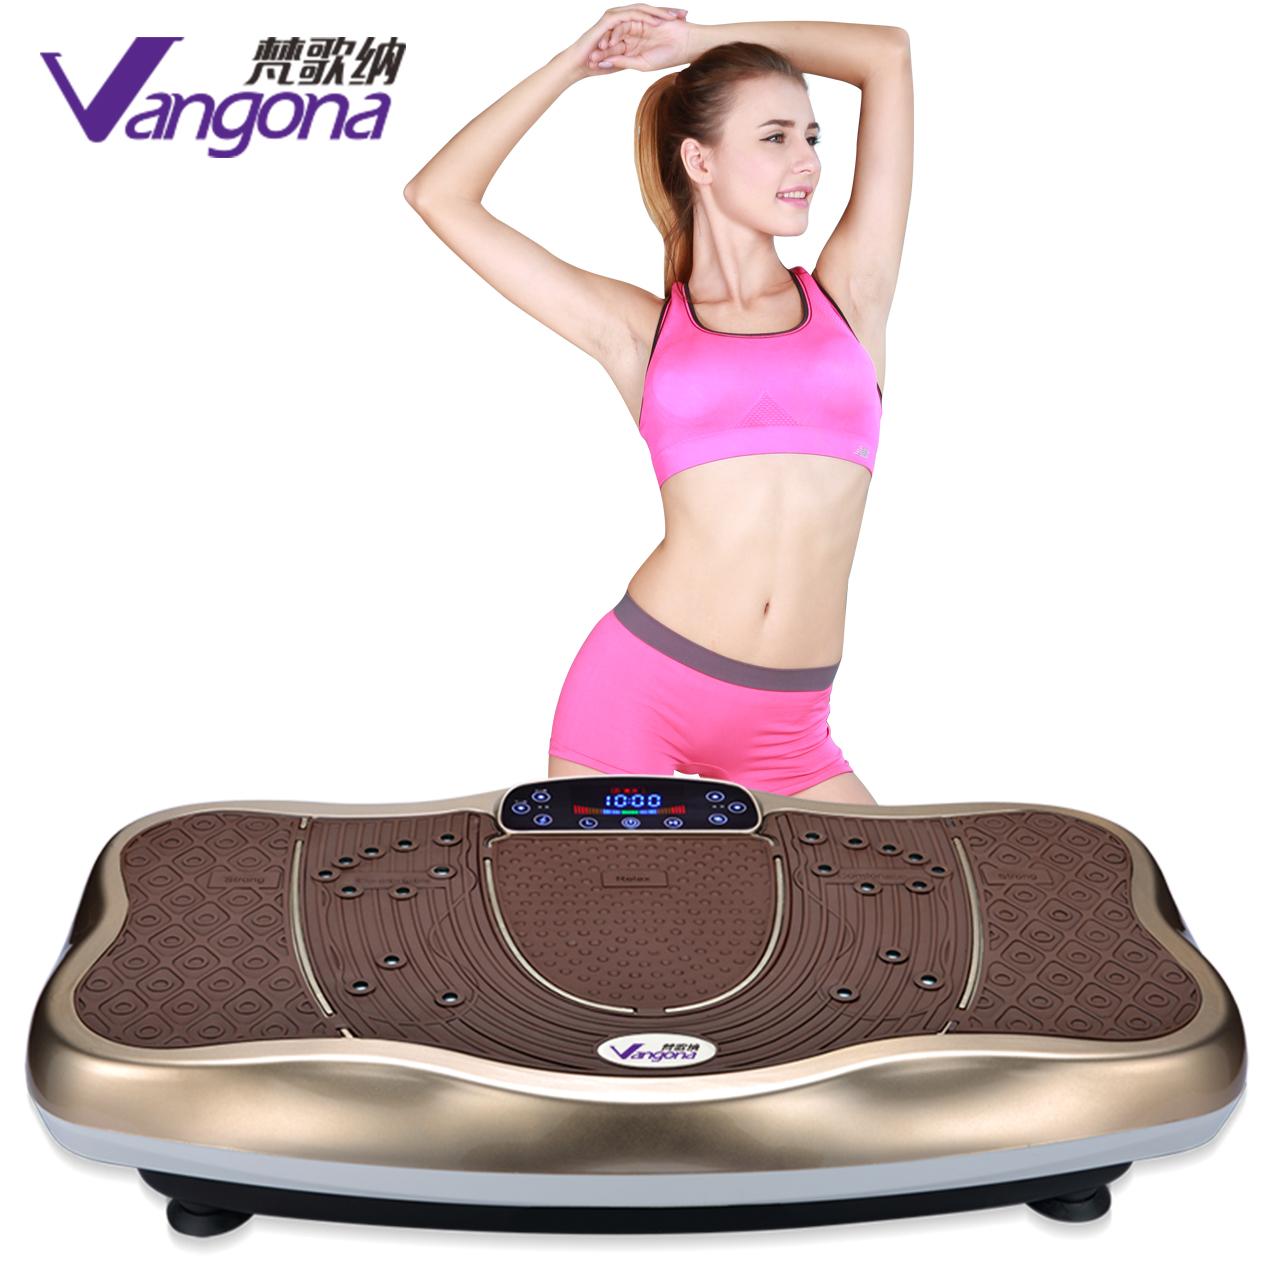 梵歌纳懒人甩脂机家用减肥机运动健身器材瘦腿神器瘦身震动抖抖机